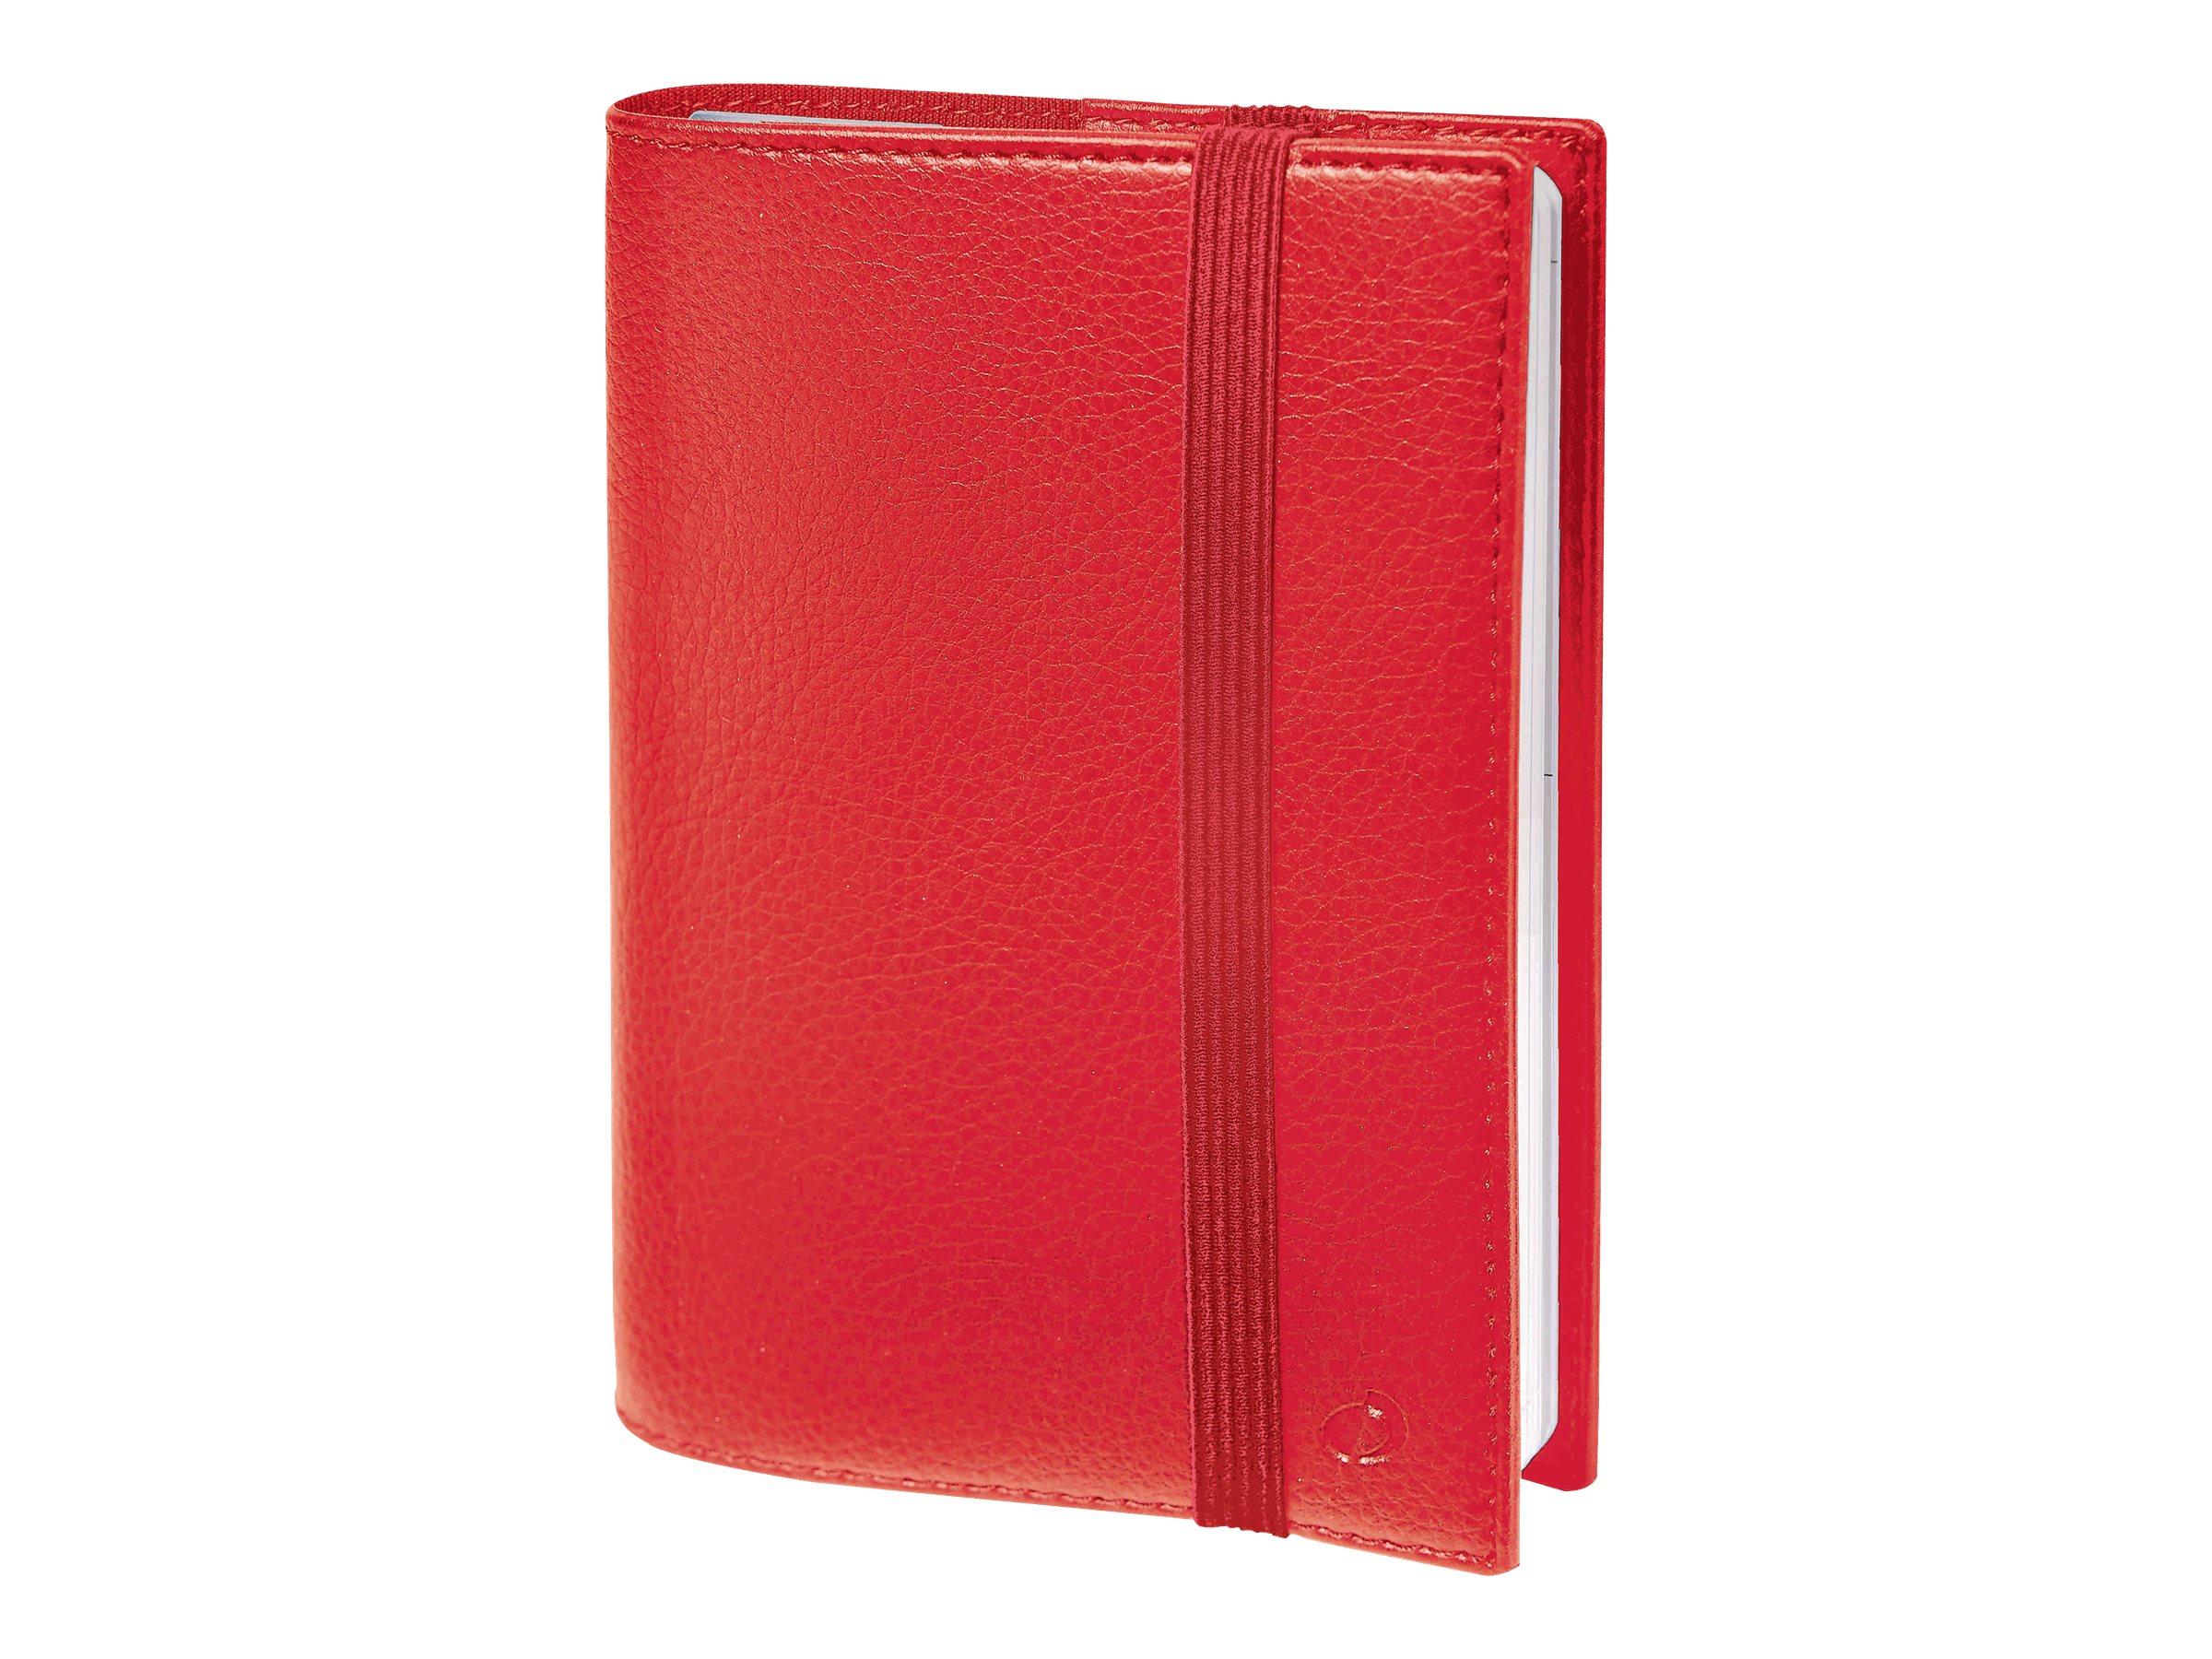 Time & Life Large - Agenda spiralé à élastique - 1 semaine sur 2 pages - 16 x 24 cm - rouge cerise - Quo Vadis